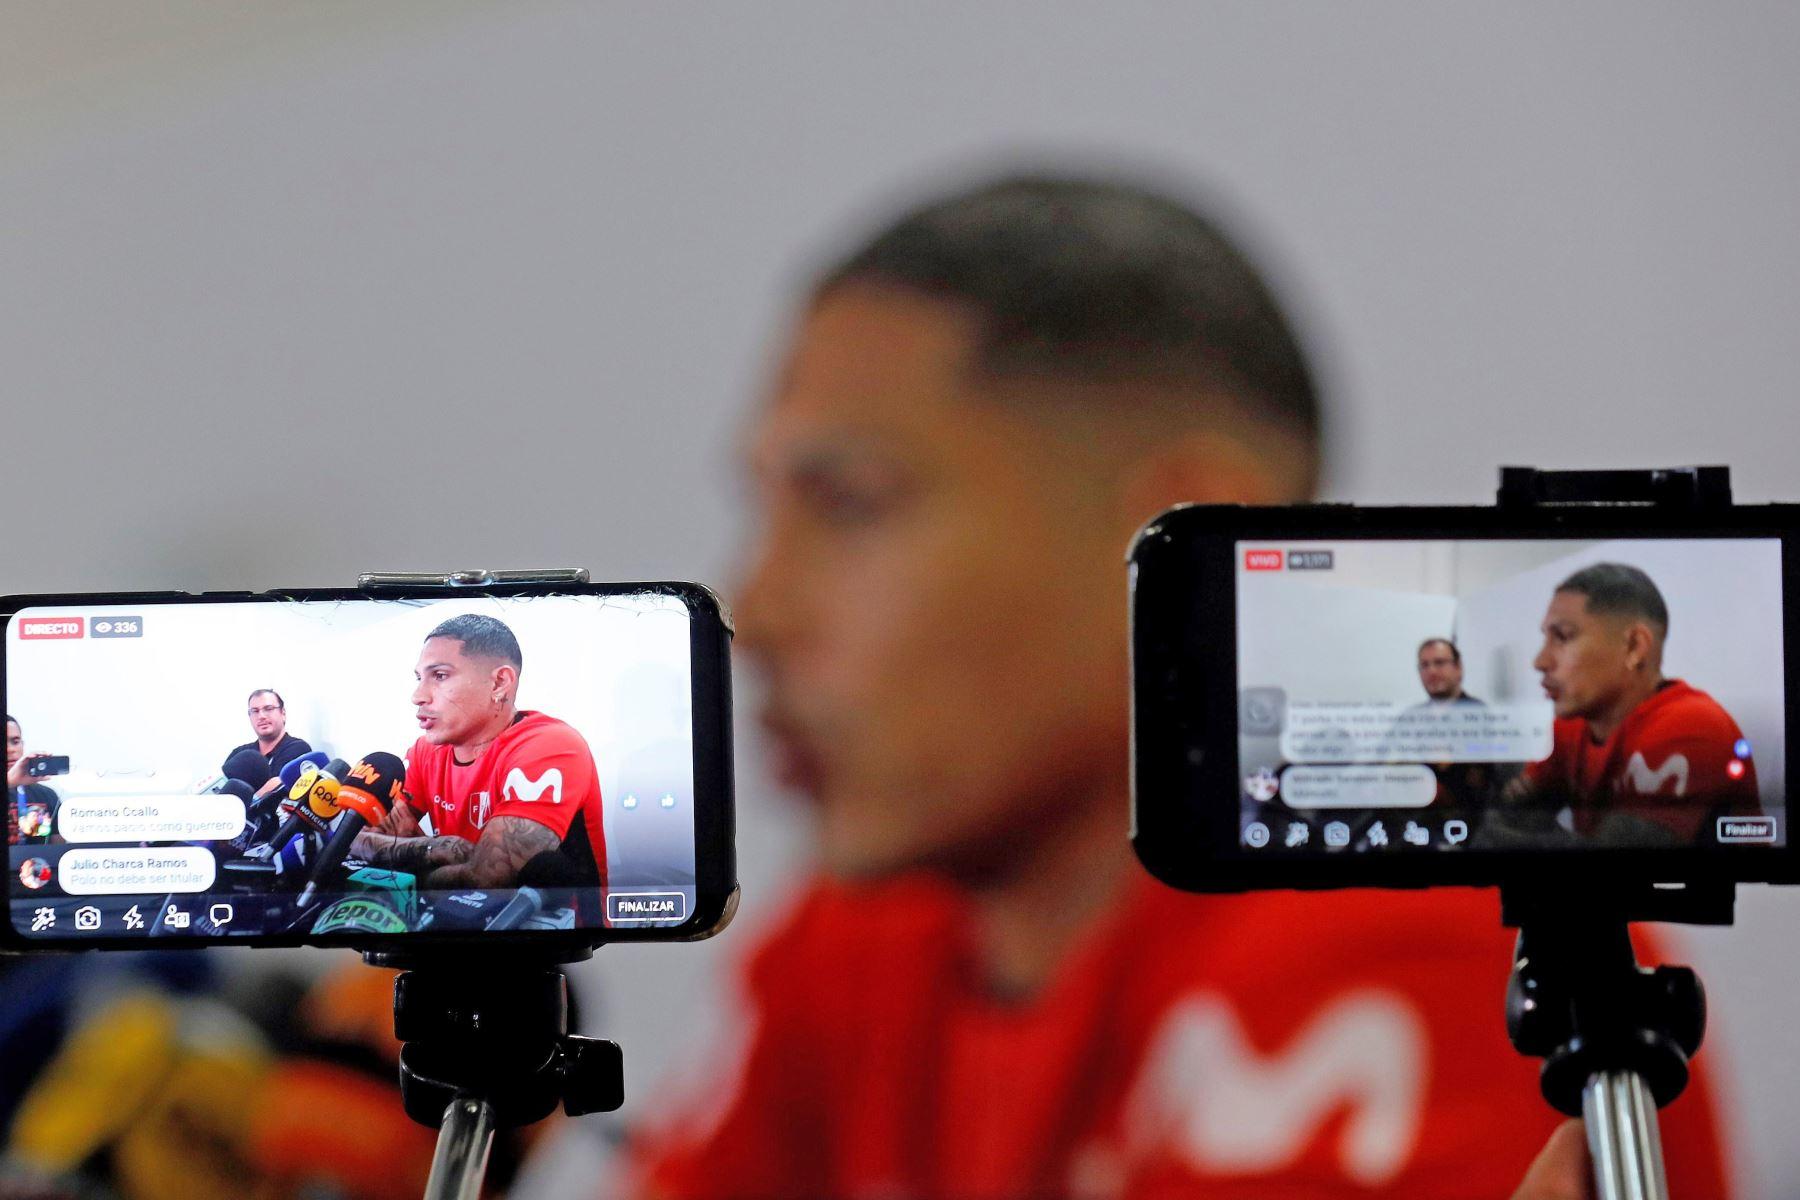 El jugador de la selección de Perú Paolo Guerrero participa en una conferencia de prensa posterior a un entrenamiento este lunes, en el estadio Pacaembú, en Sao Paulo (Brasil). Foto: EFE